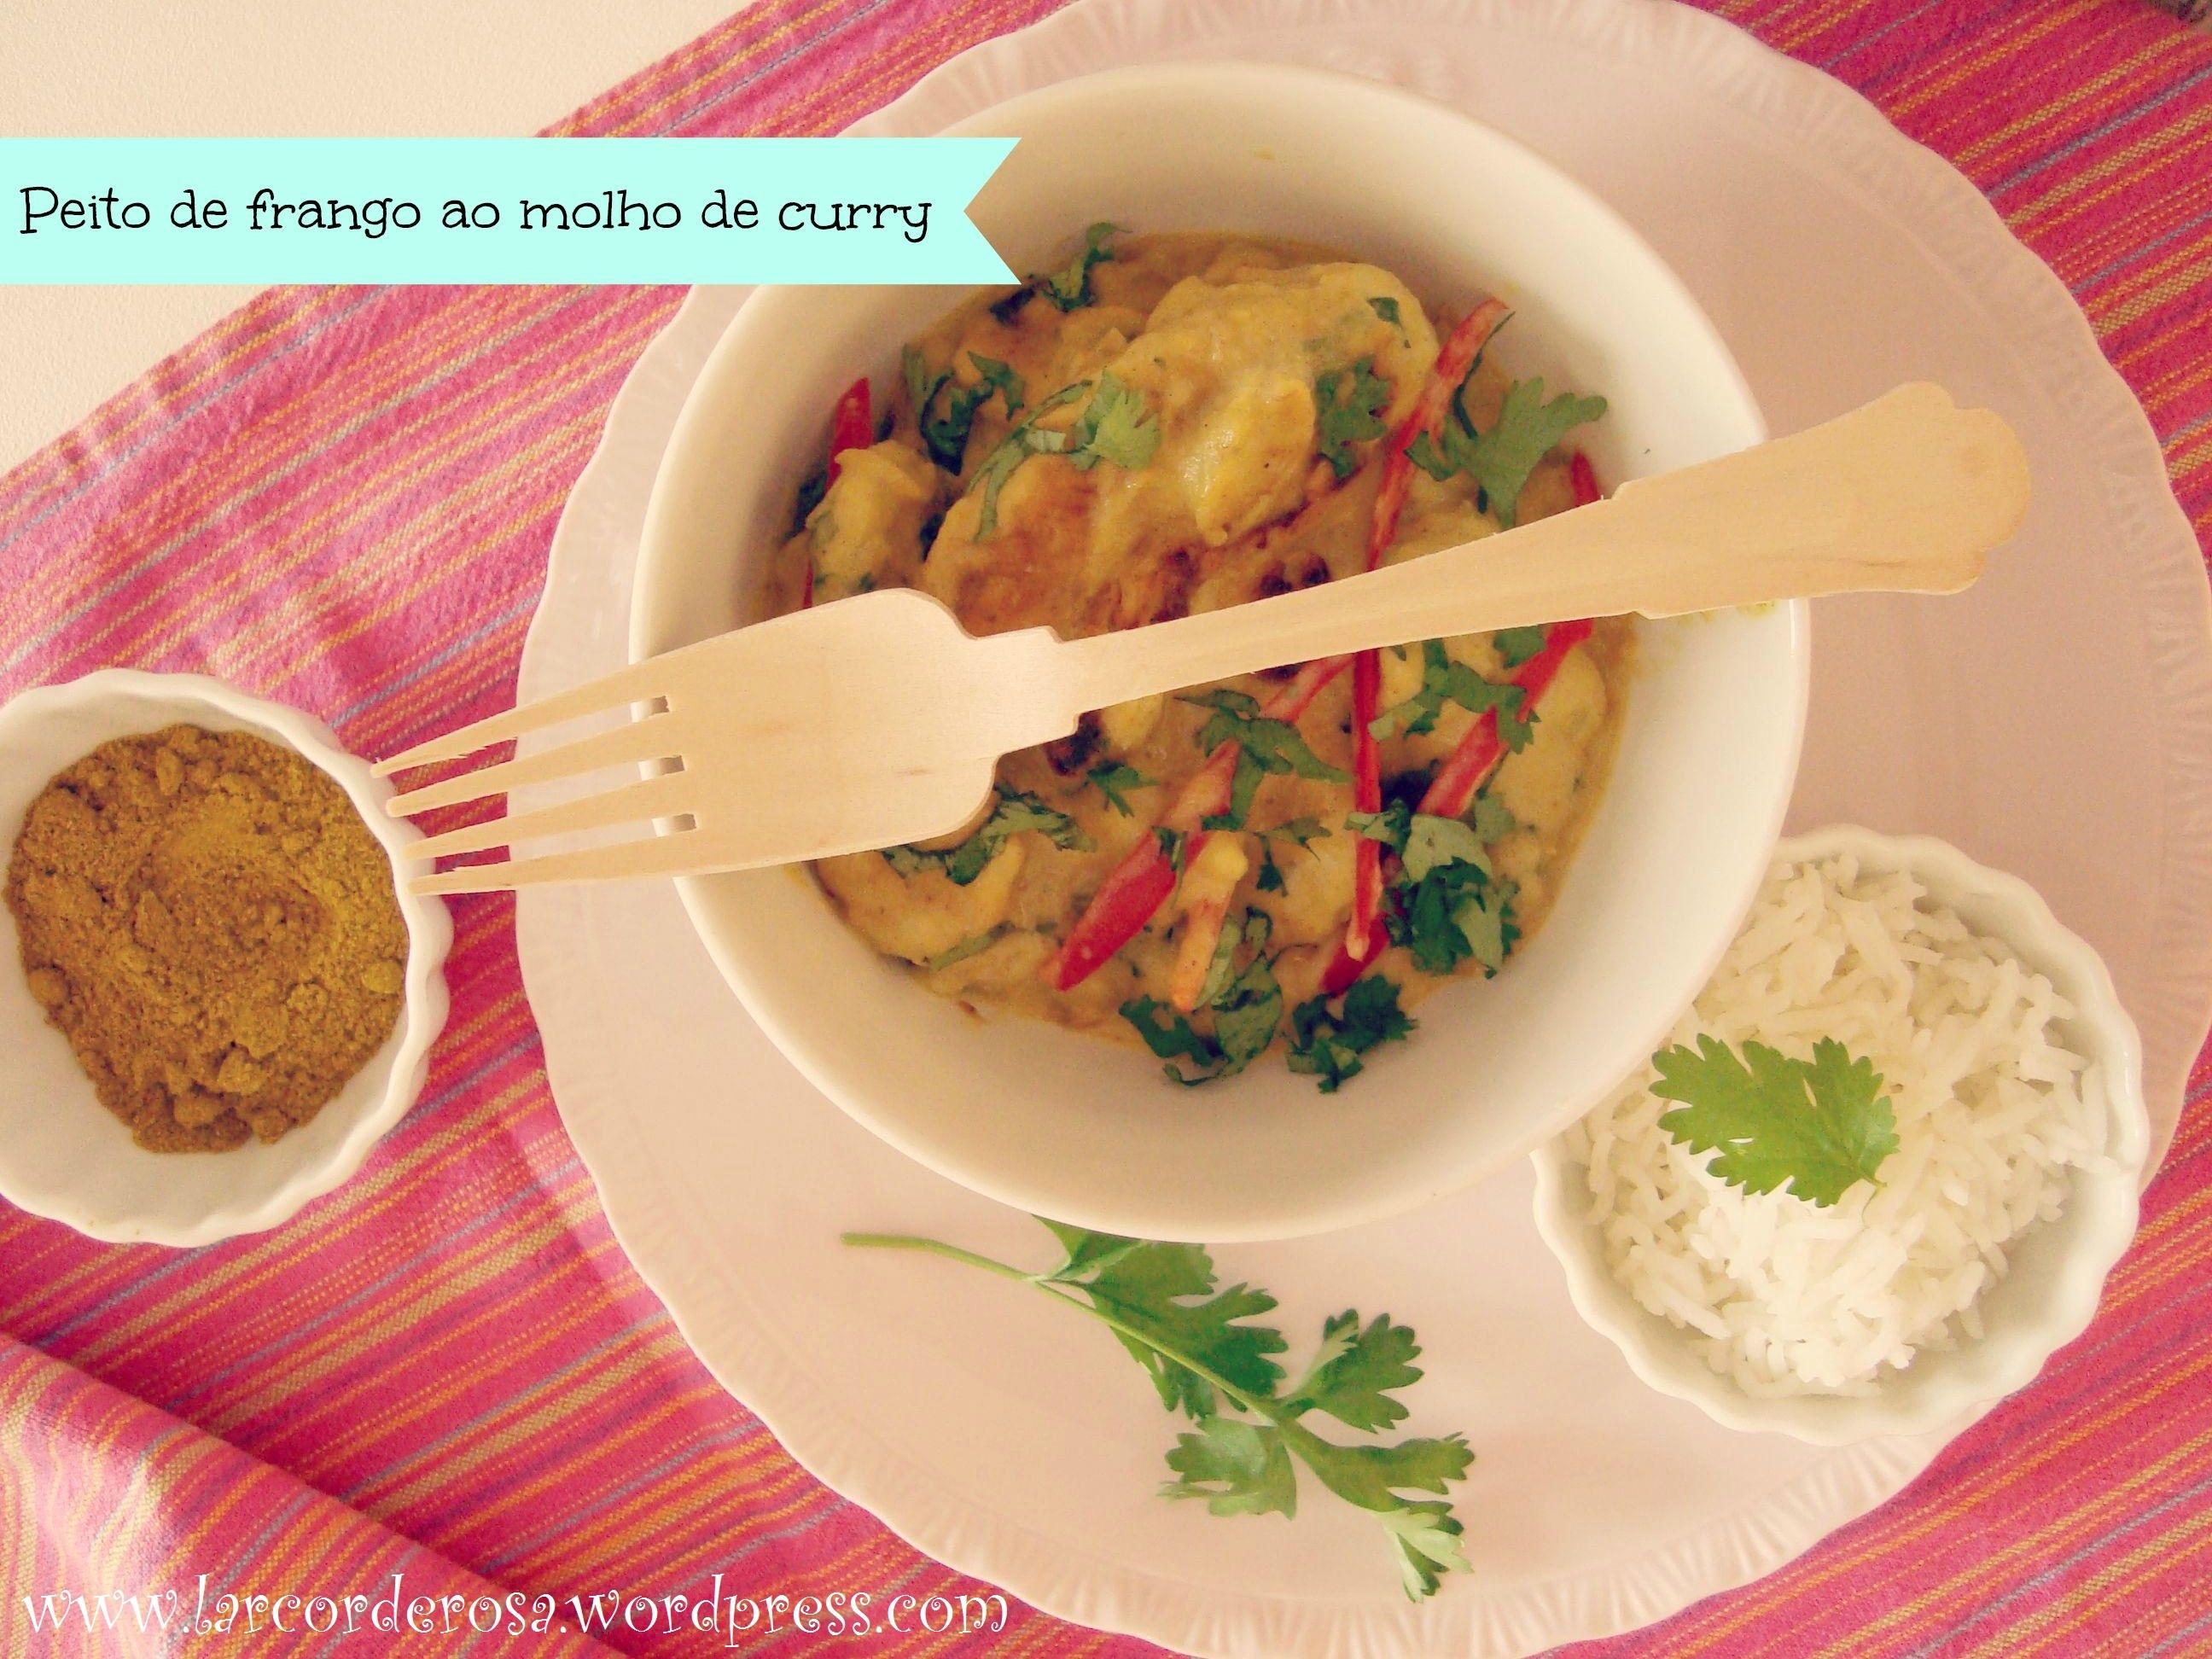 Peito de frango ao molho de curry ♥